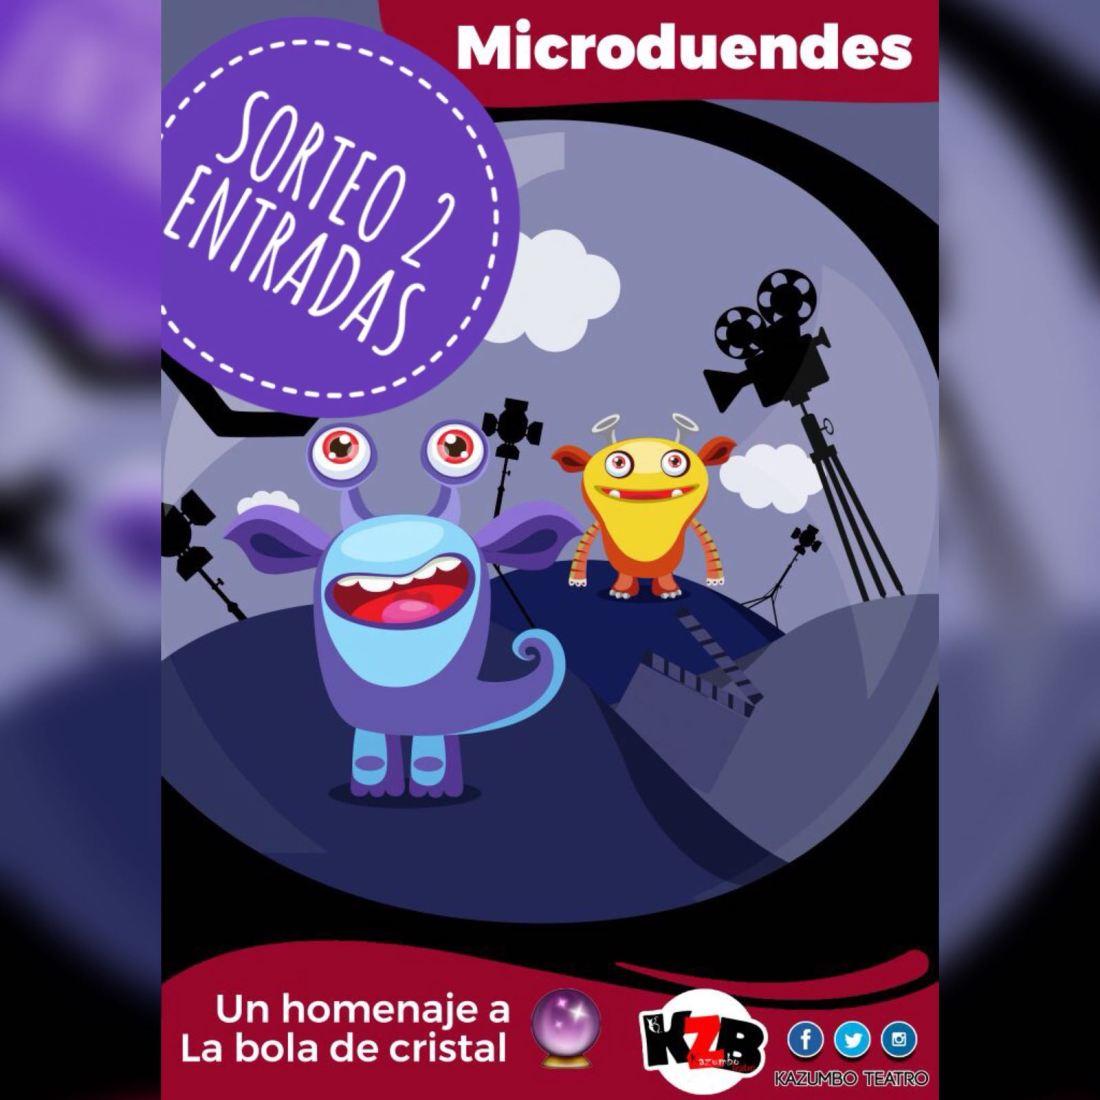 microduendes